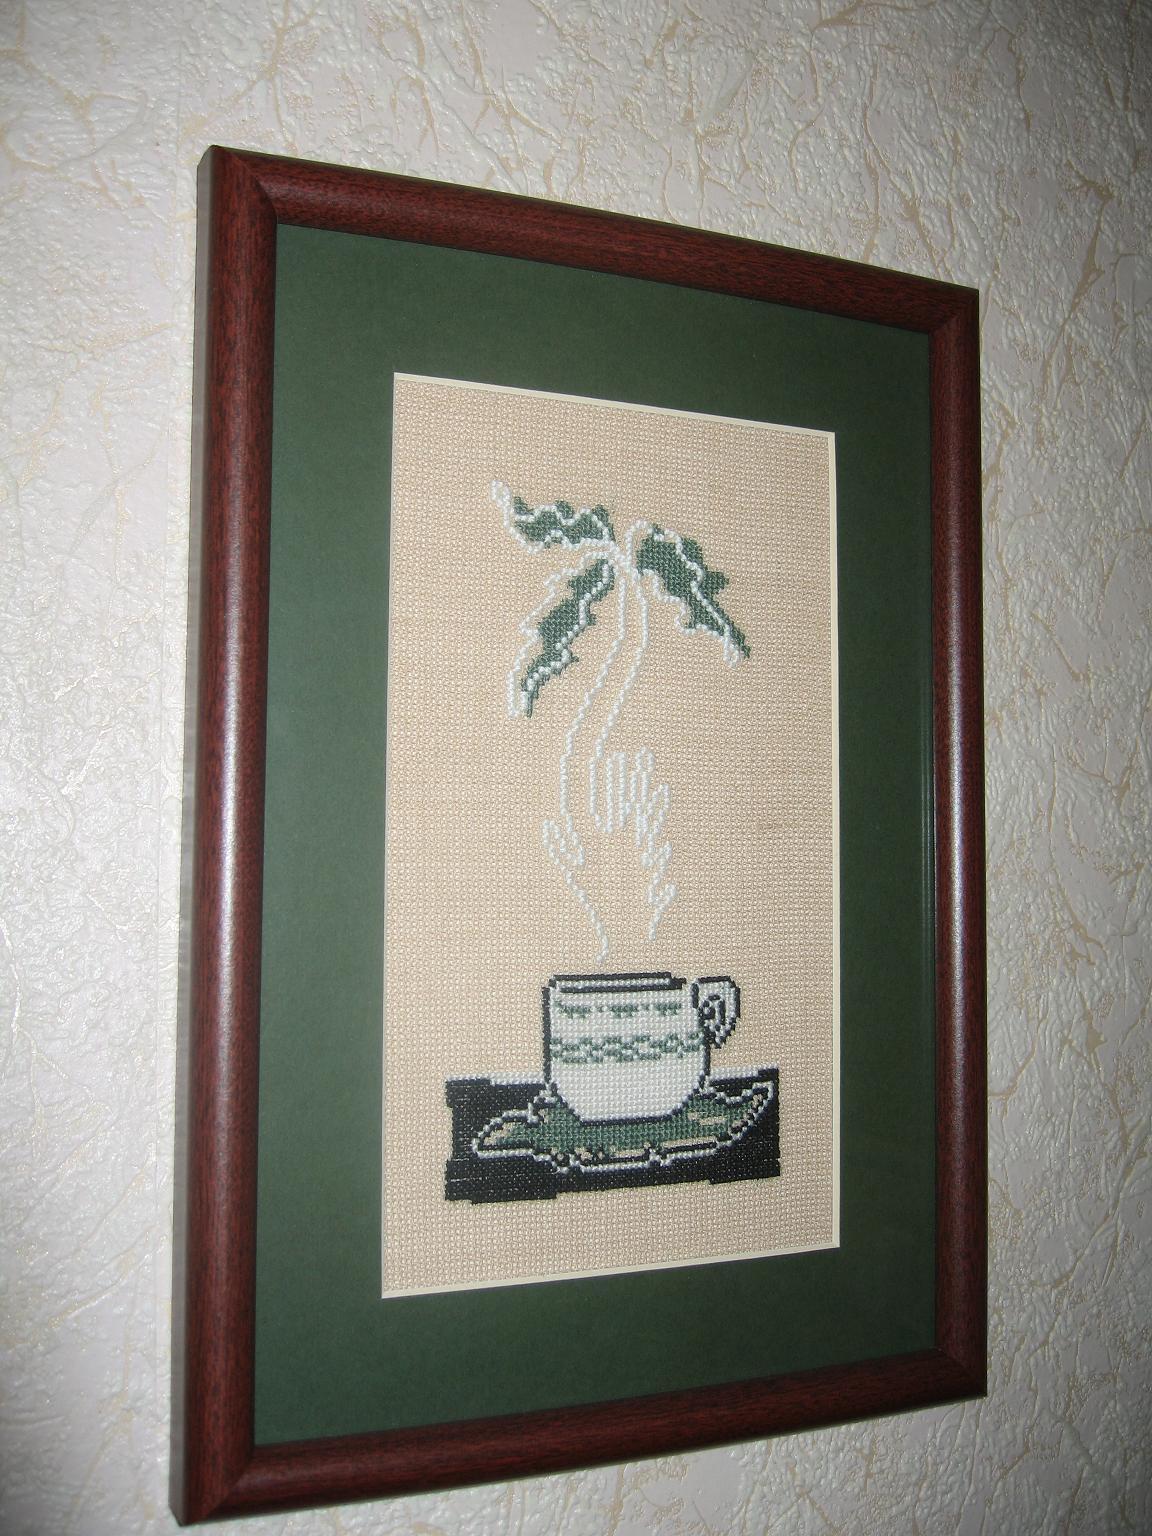 Серия 'Иллюзии в чашках кофе' - Пальма. Бытовые сюжеты